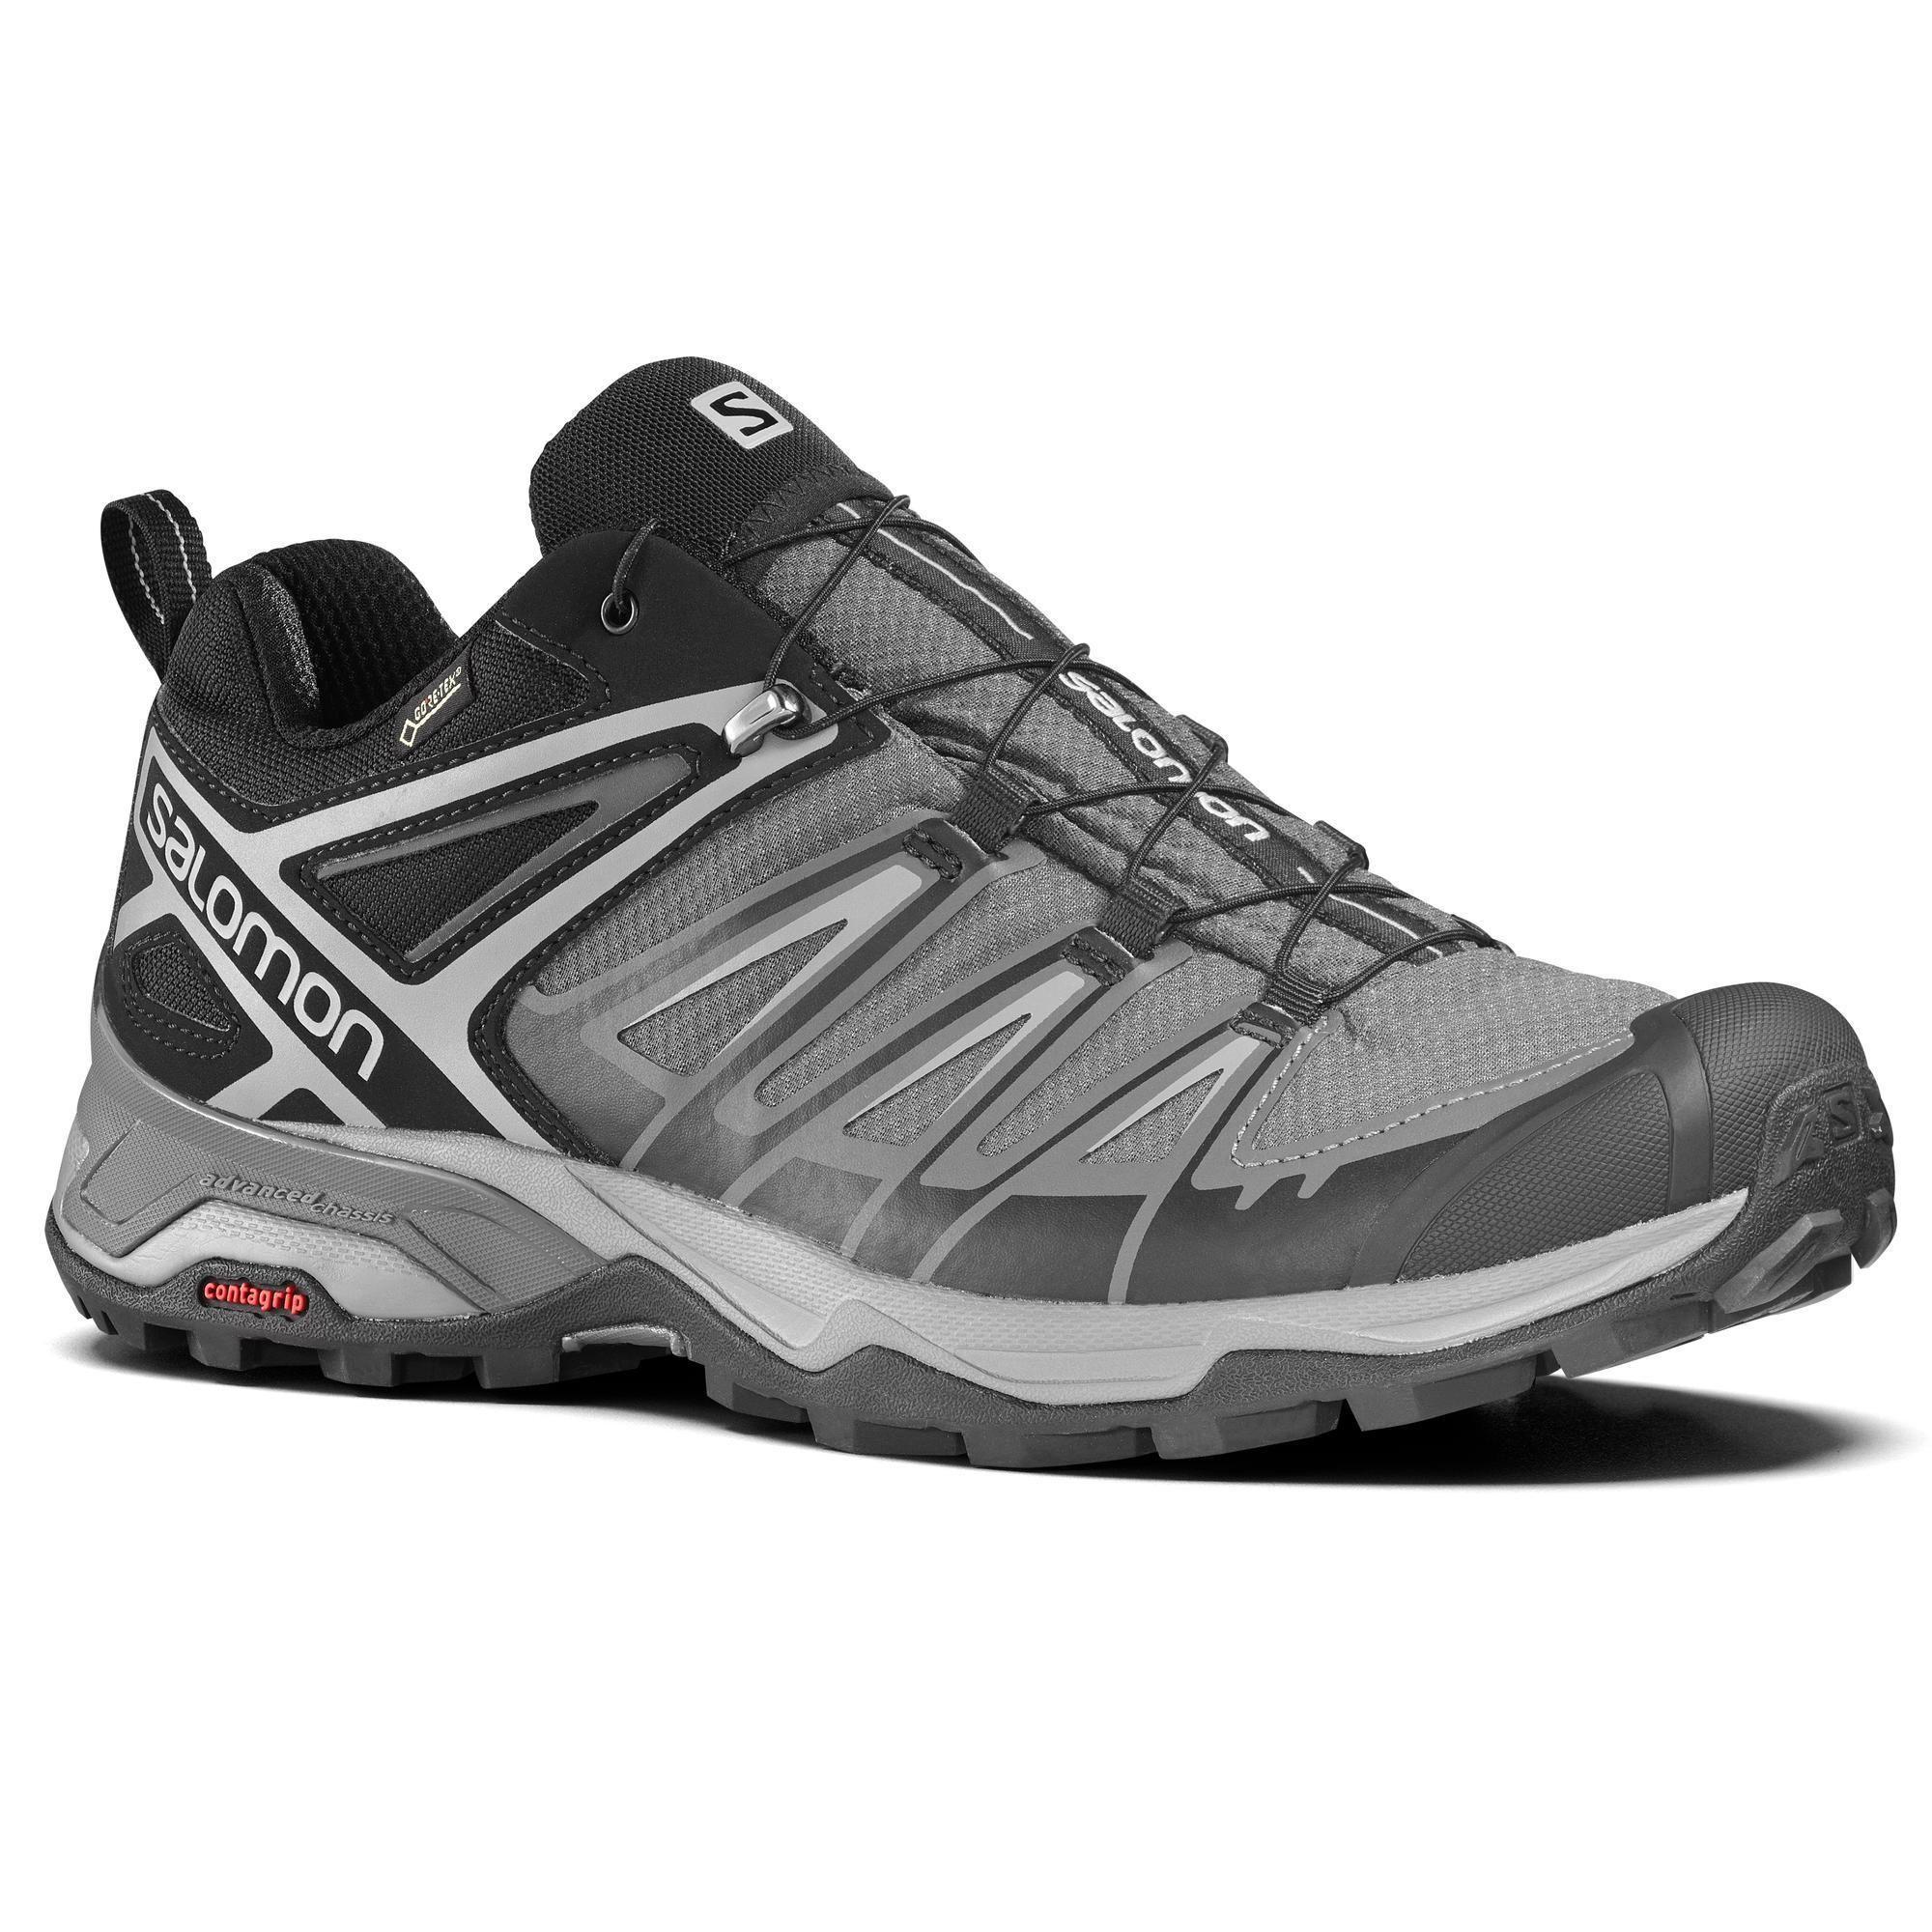 Chaussures Impermeables De Randonnee Montagne Salomon X Ultra 3 Gtx Homme En 2020 Chaussures Impermeables Chaussure Bottes De Randonnee